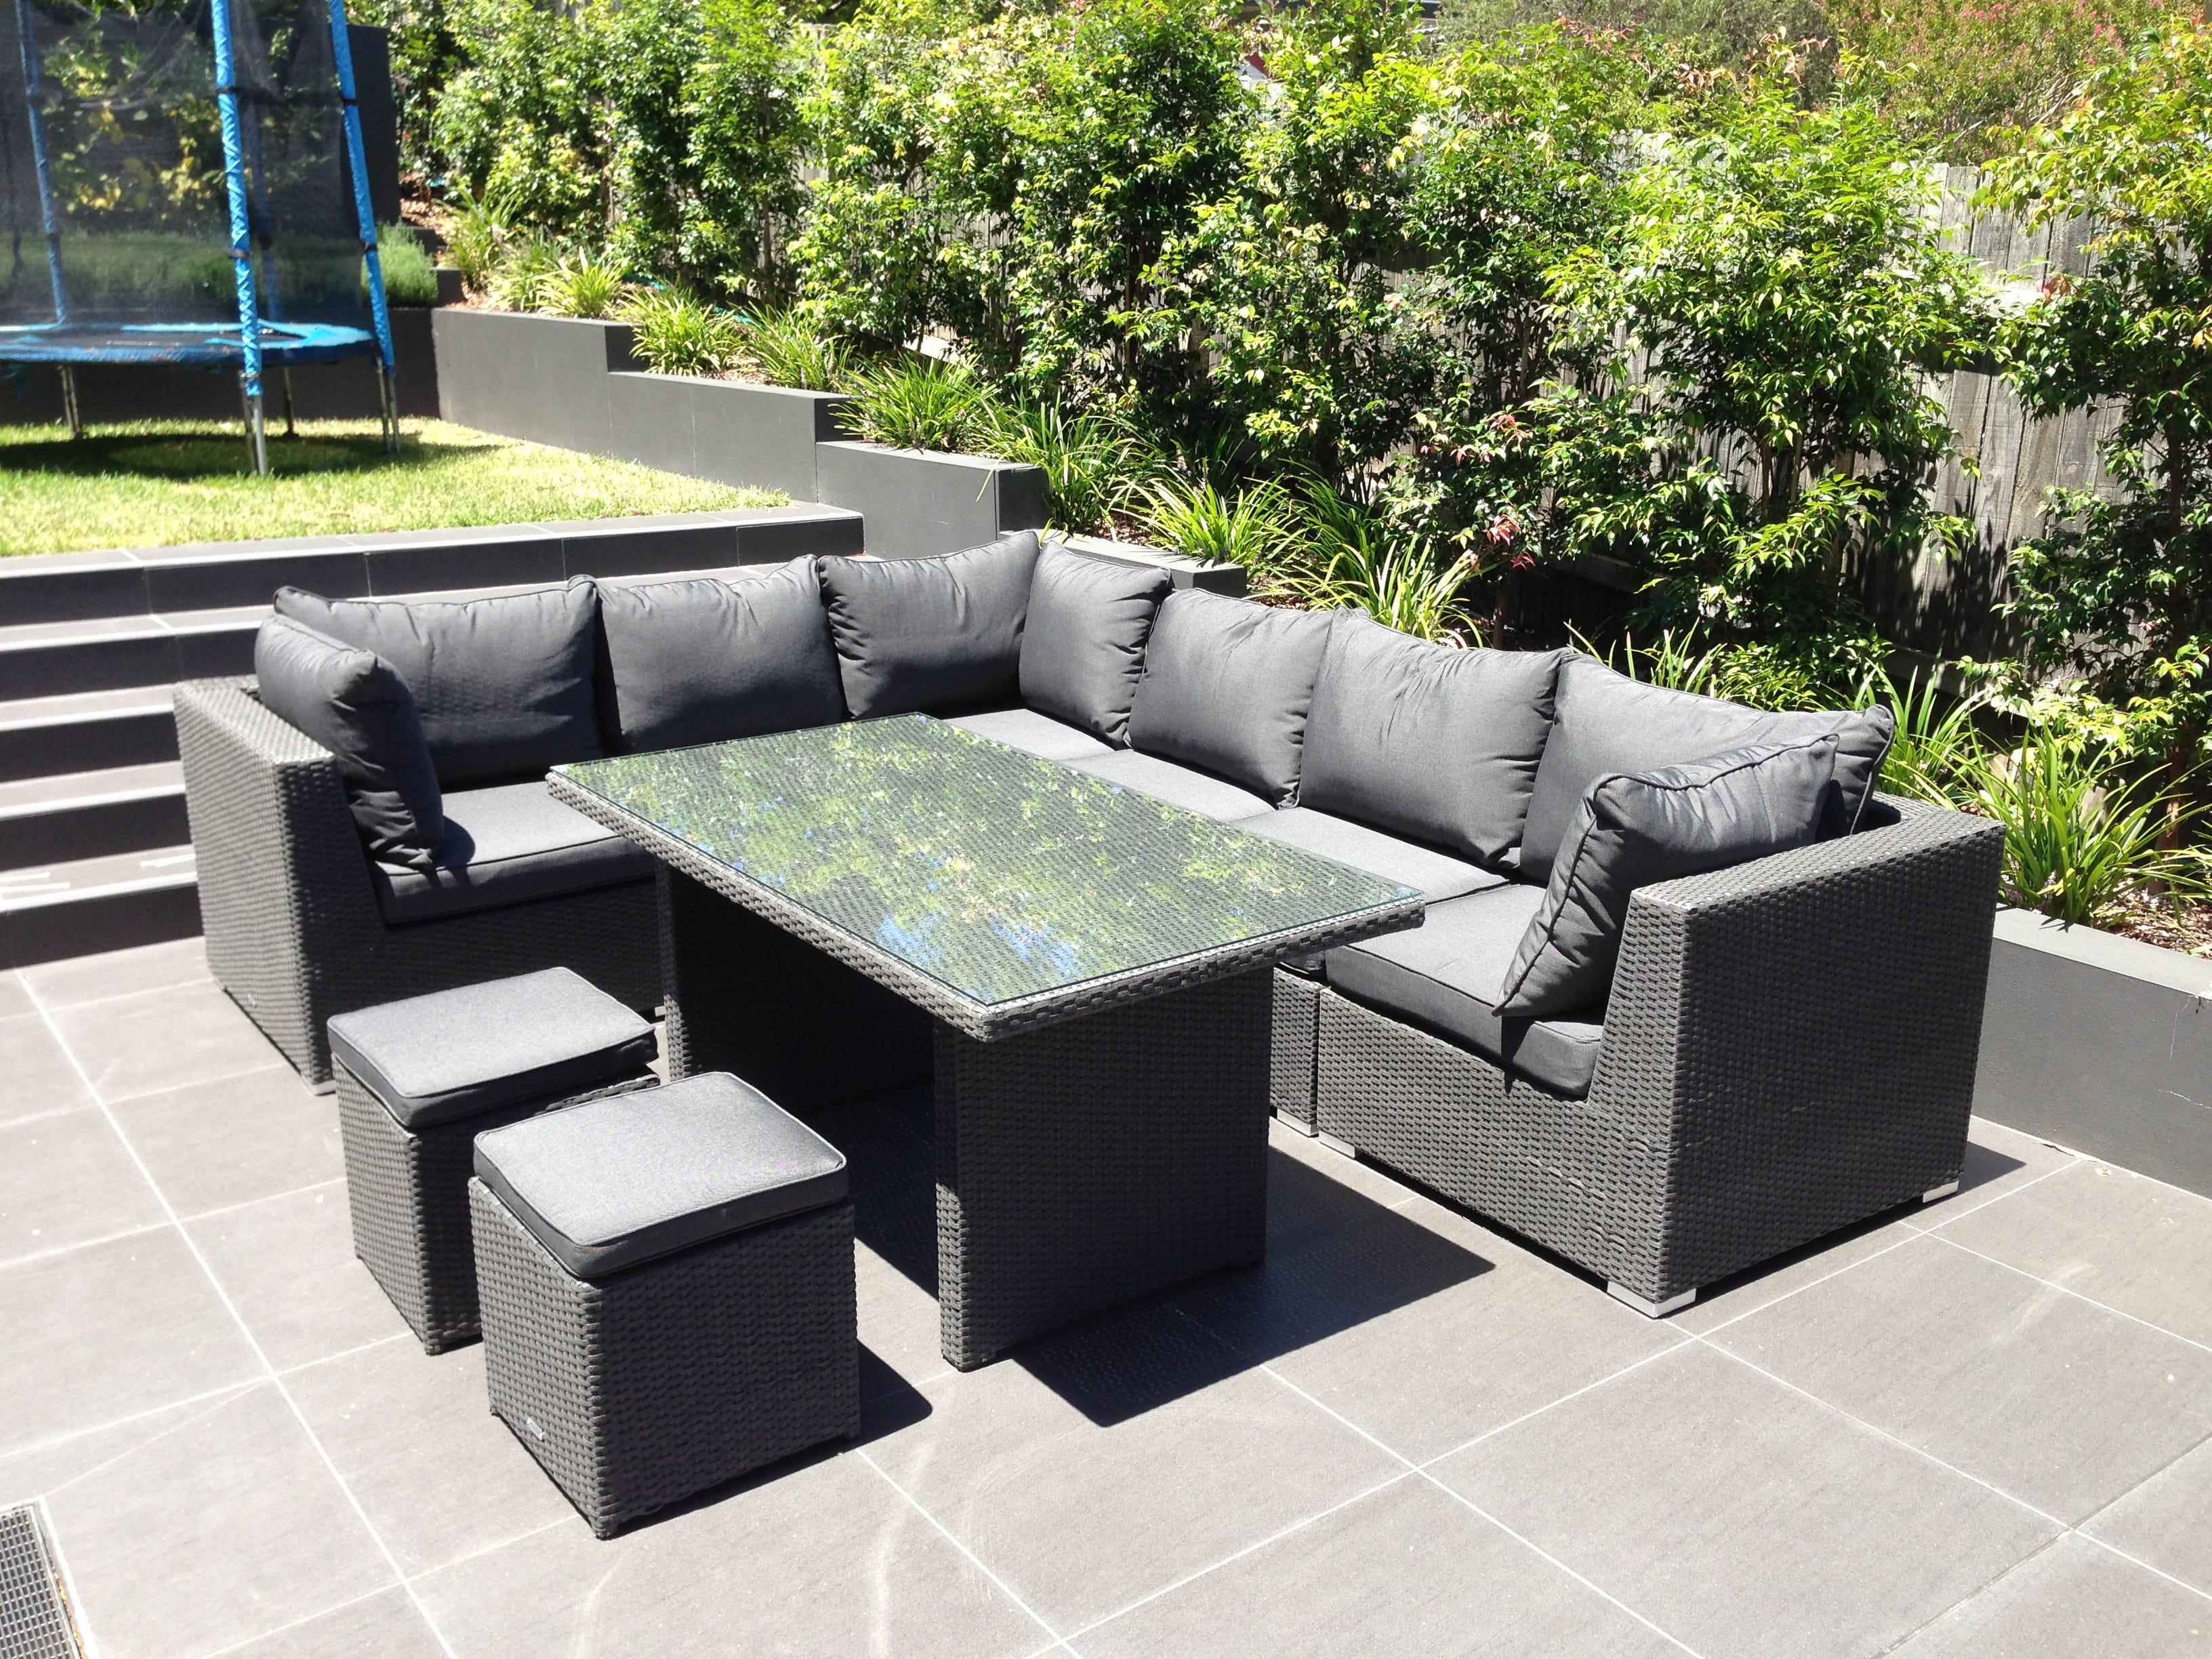 outdoor furniture evolution dining out in comfort. Black Bedroom Furniture Sets. Home Design Ideas